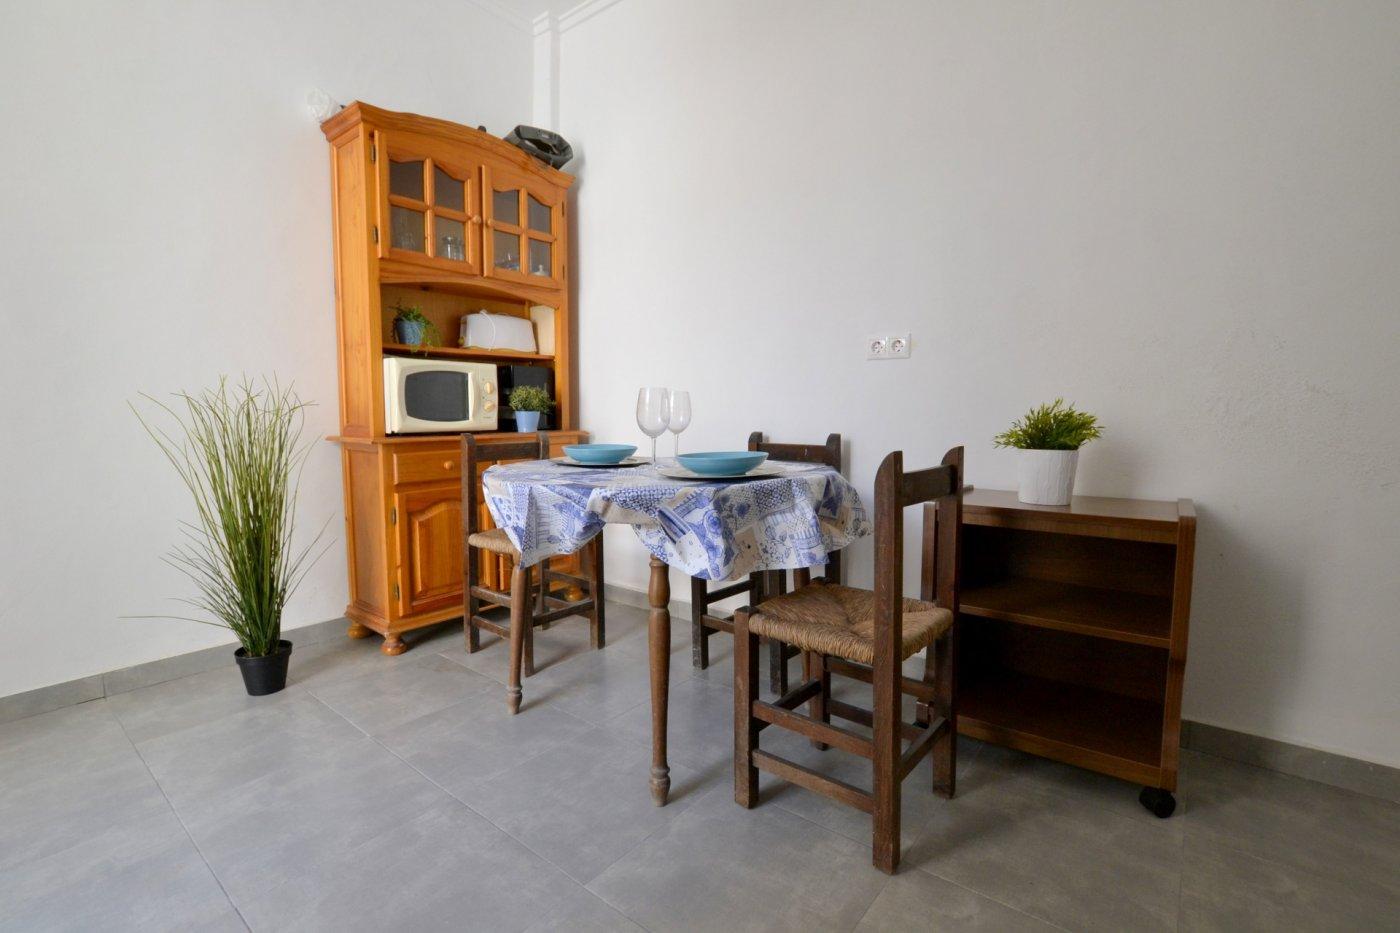 Piso · Valencia · El Cabanyal - El Canyamelar 138.000€€